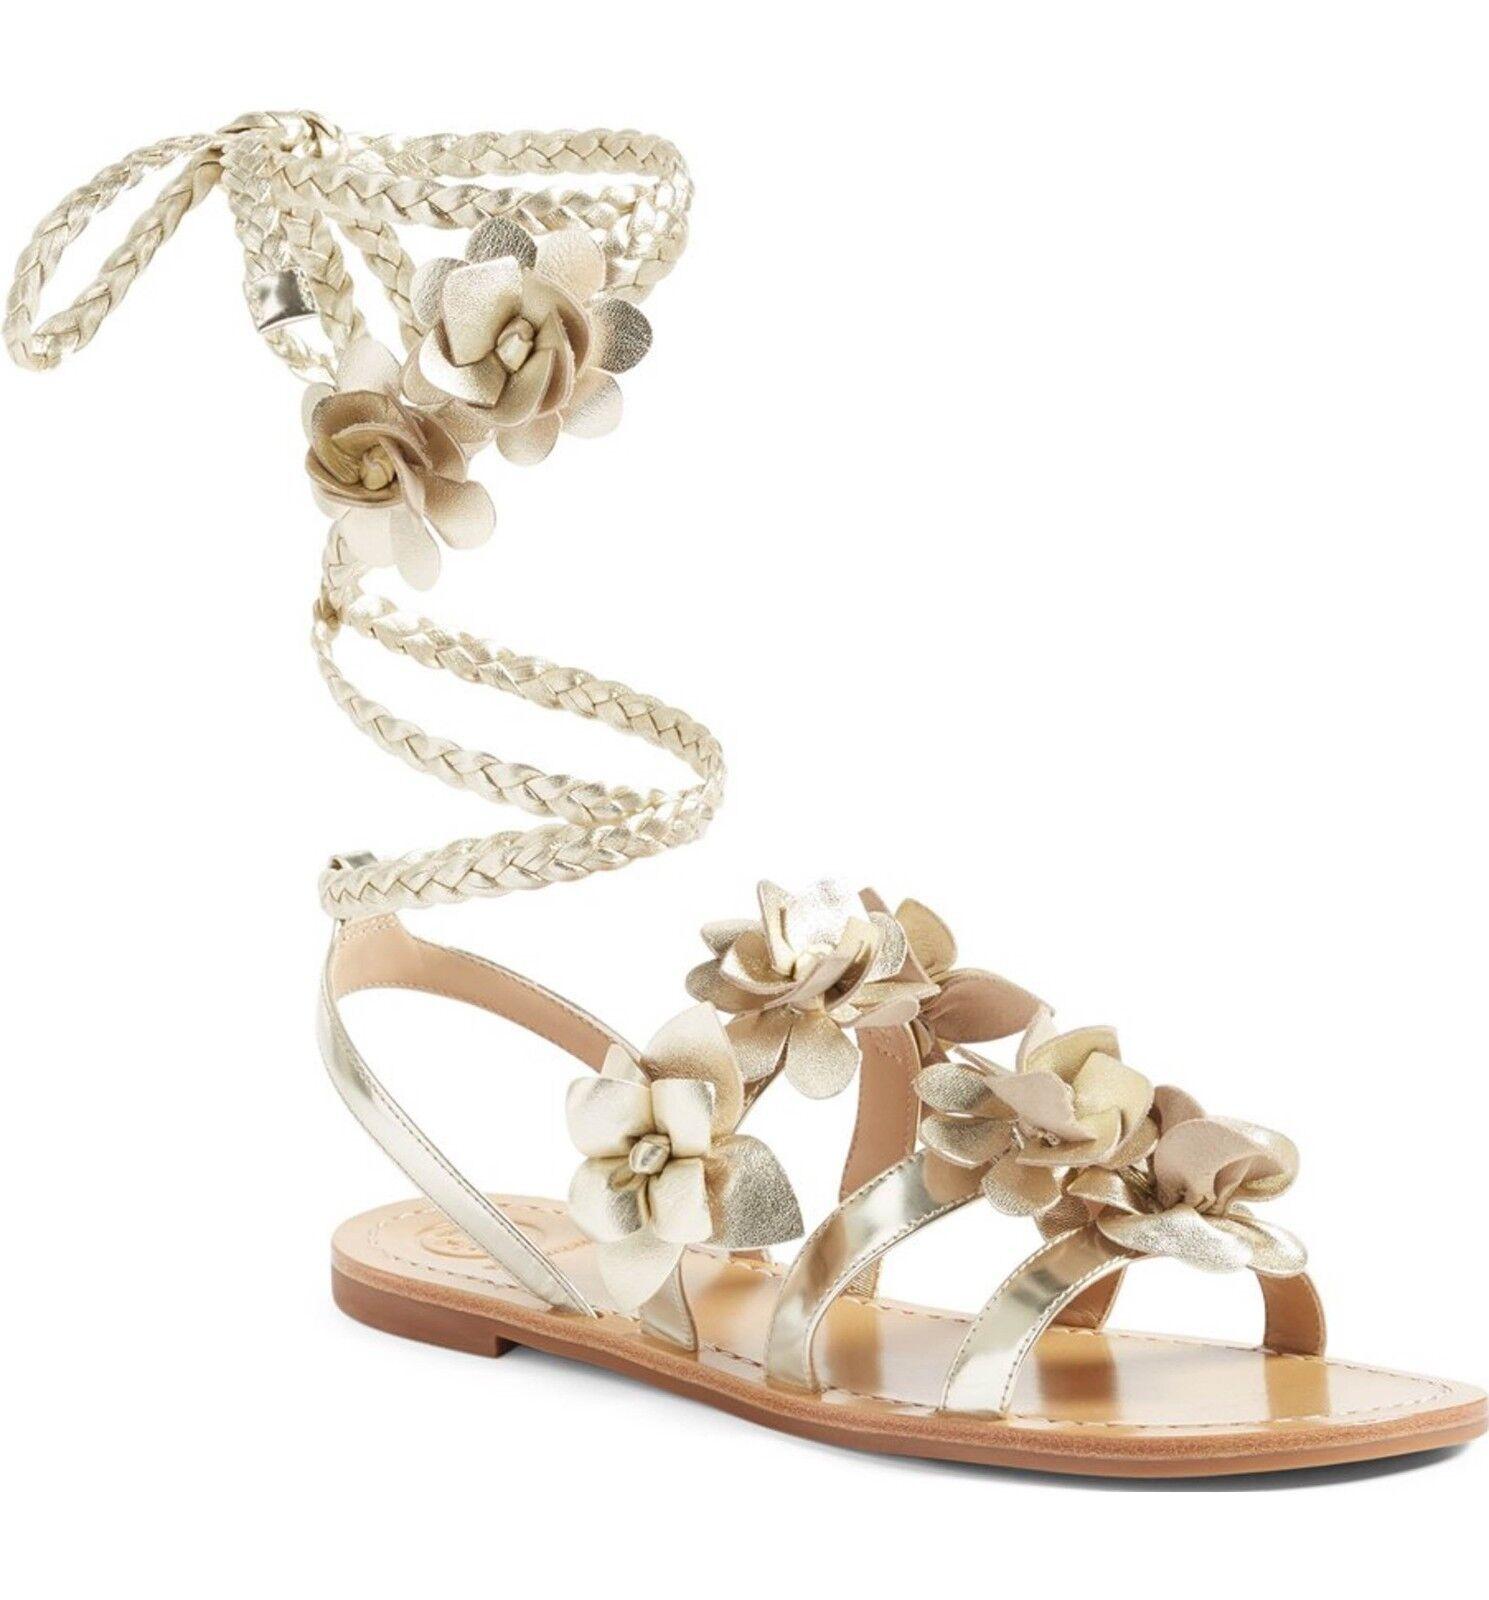 Tory Burch Blossom Gladiator Sandals Floral Gold Floral Sandals Shoes Flats Flip Flop 6.5 Slide 3176ef